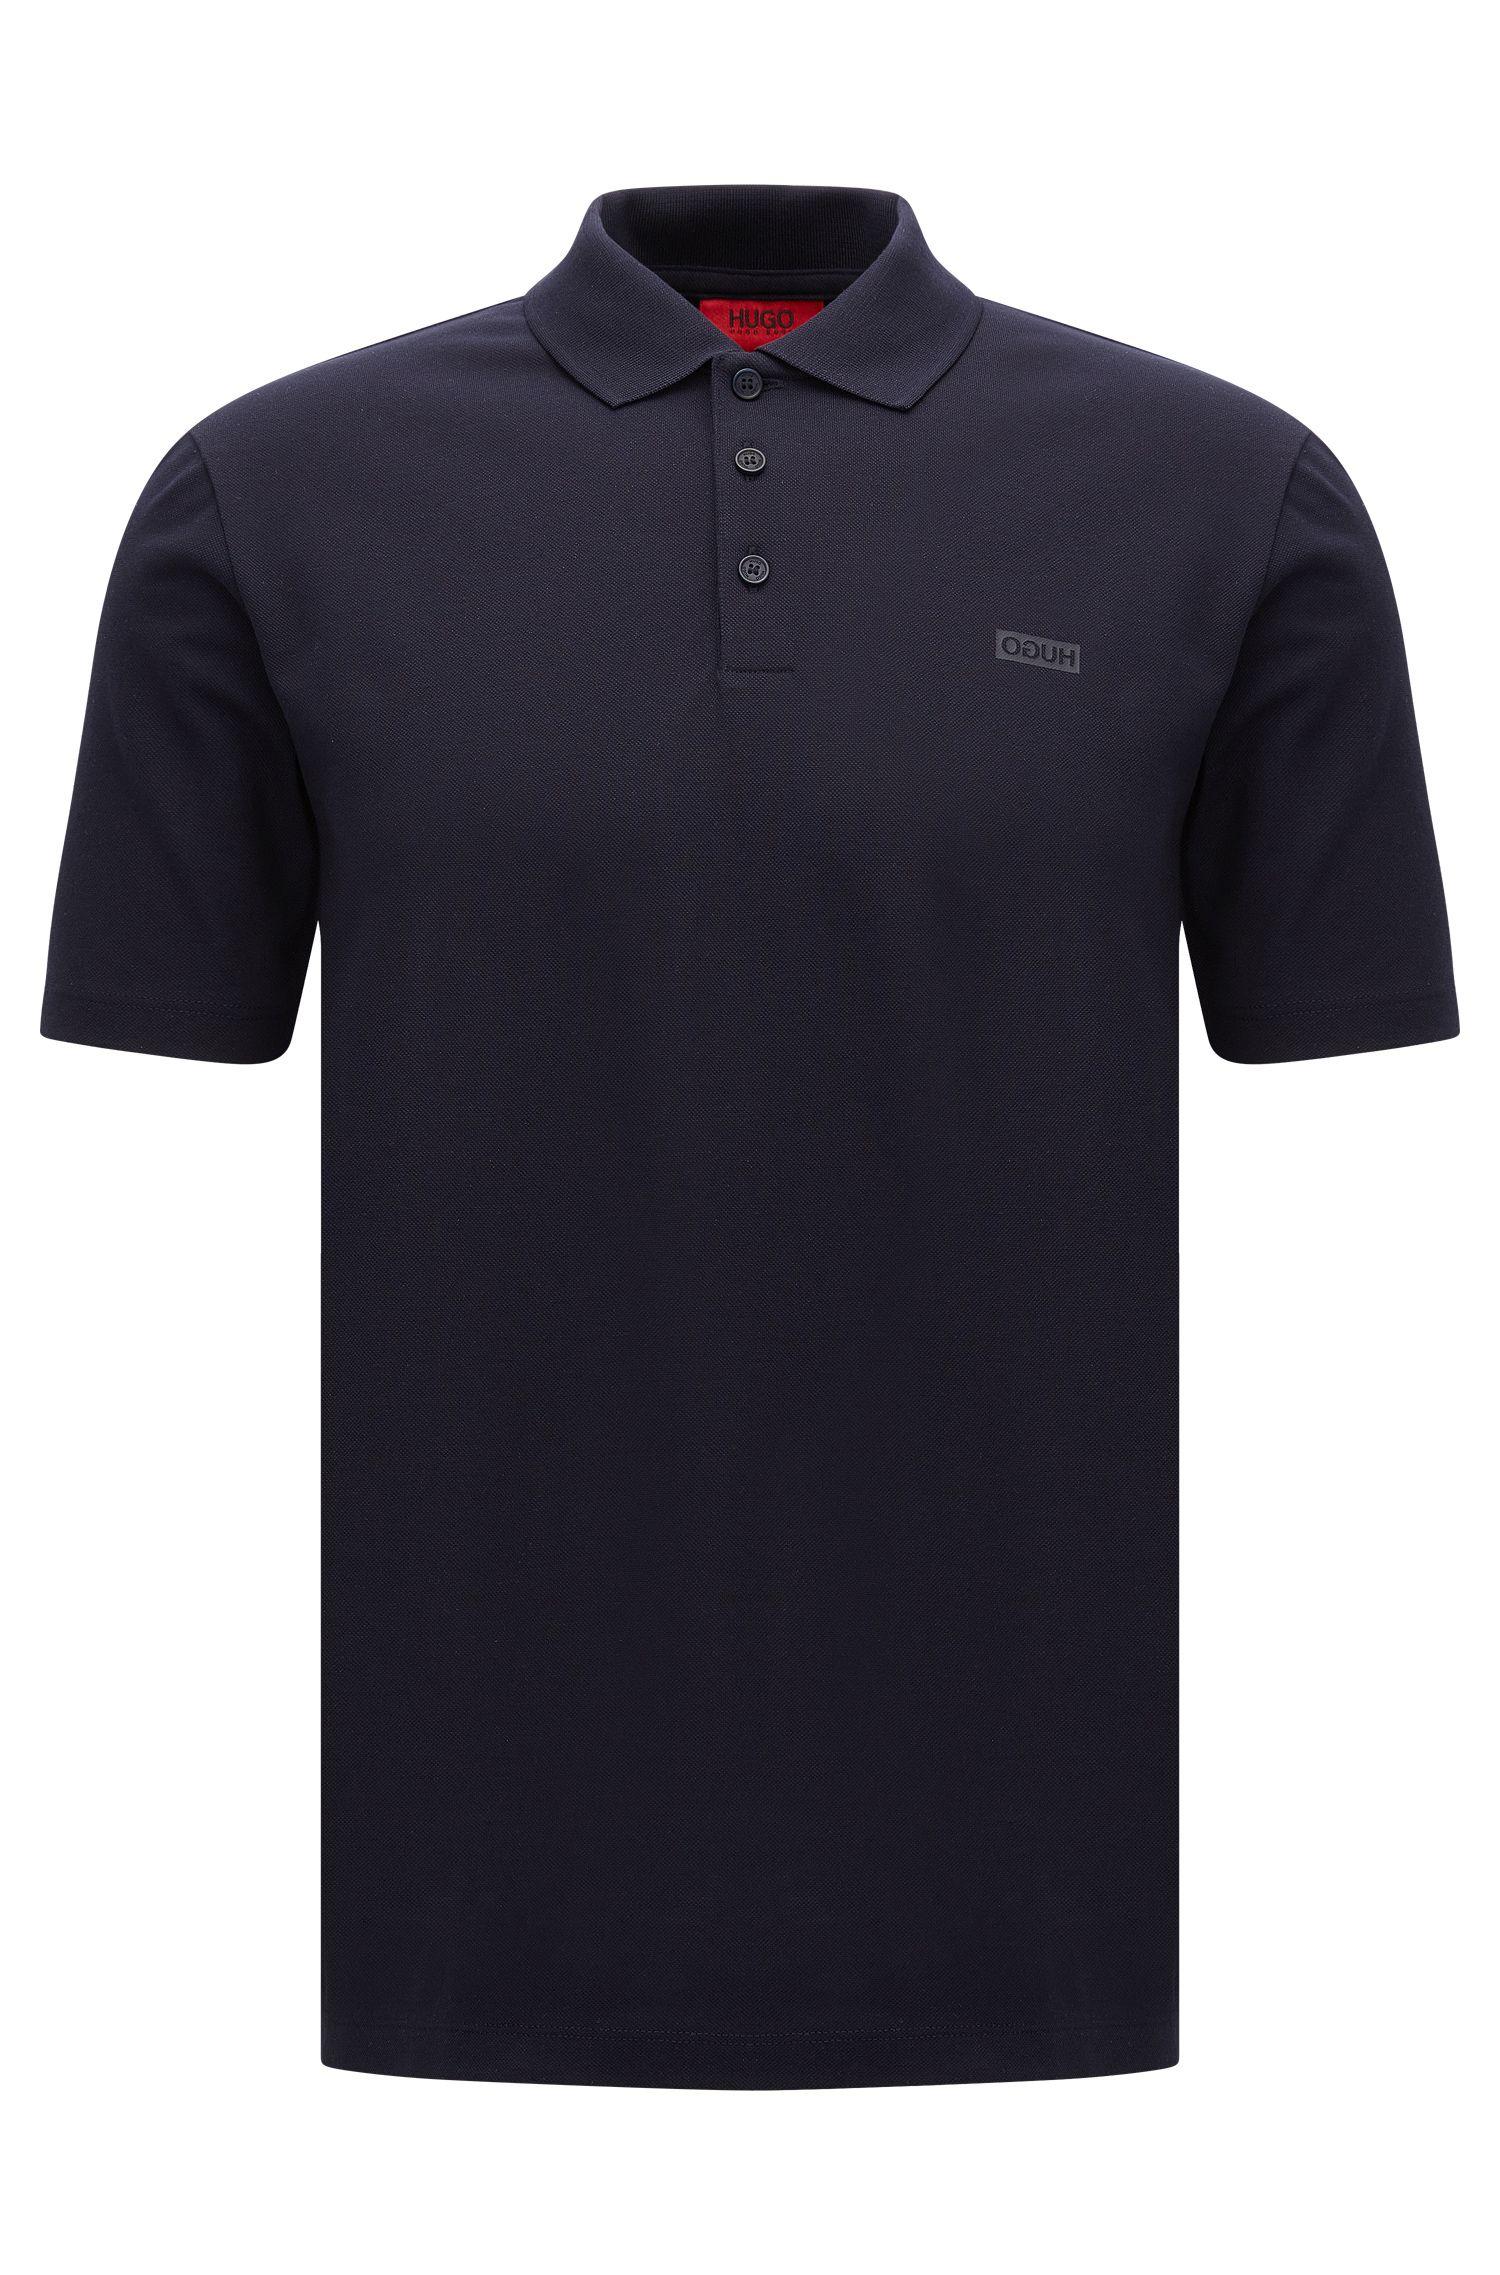 Poloshirt aus Baumwoll-Piqué mit spiegelverkehrtem Logo